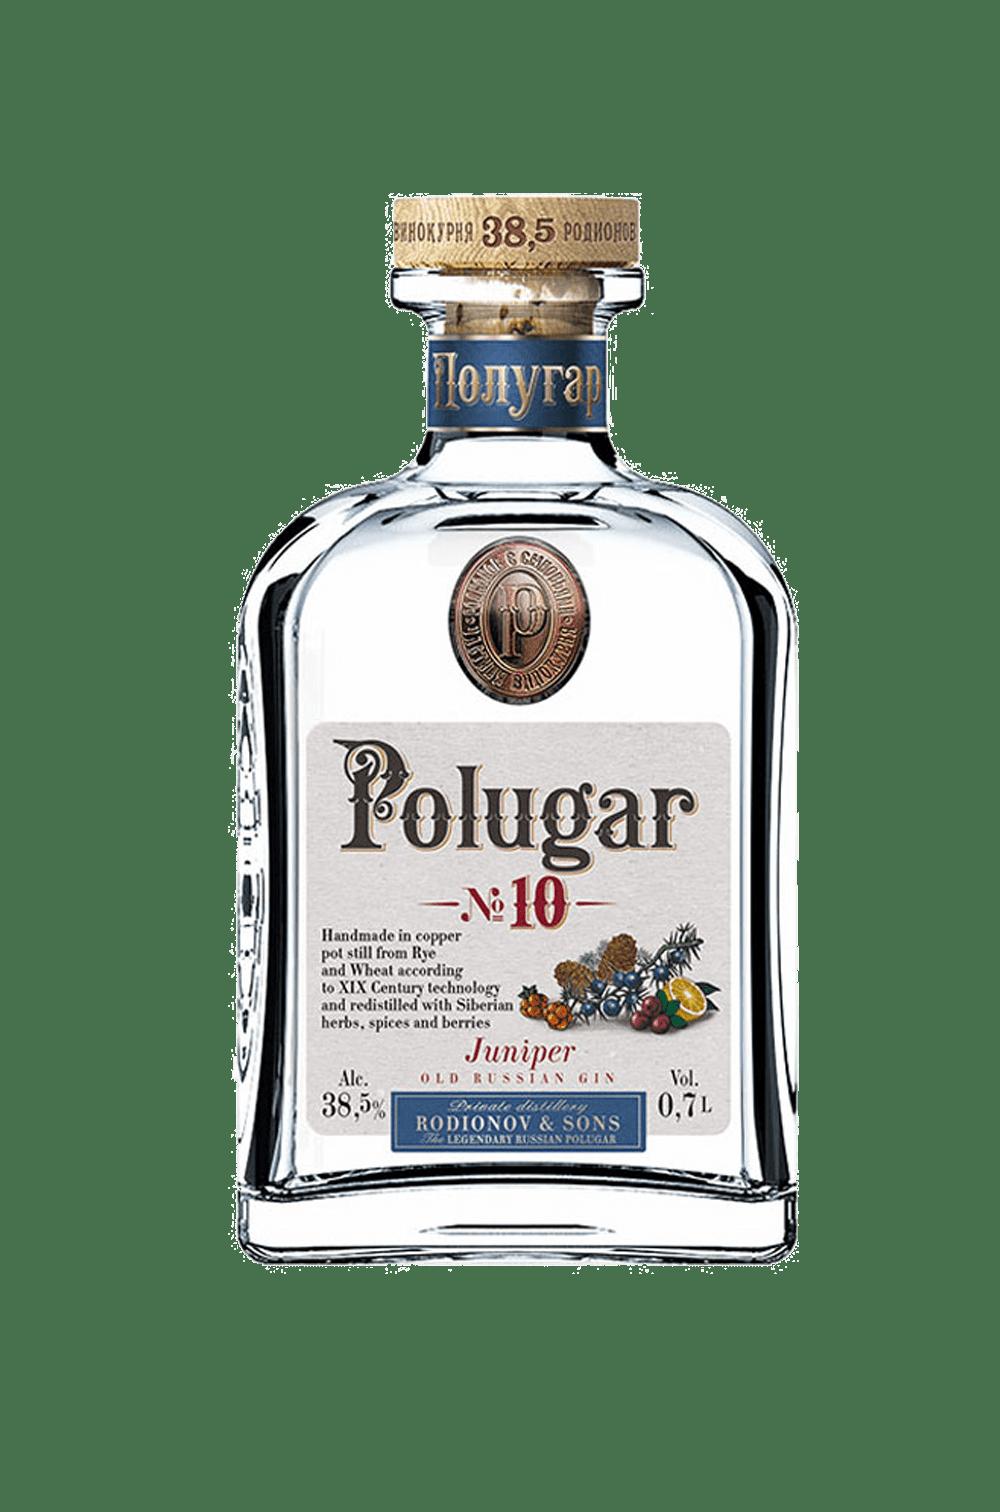 Polugar No. 10 Juniper – Old Russian Gin